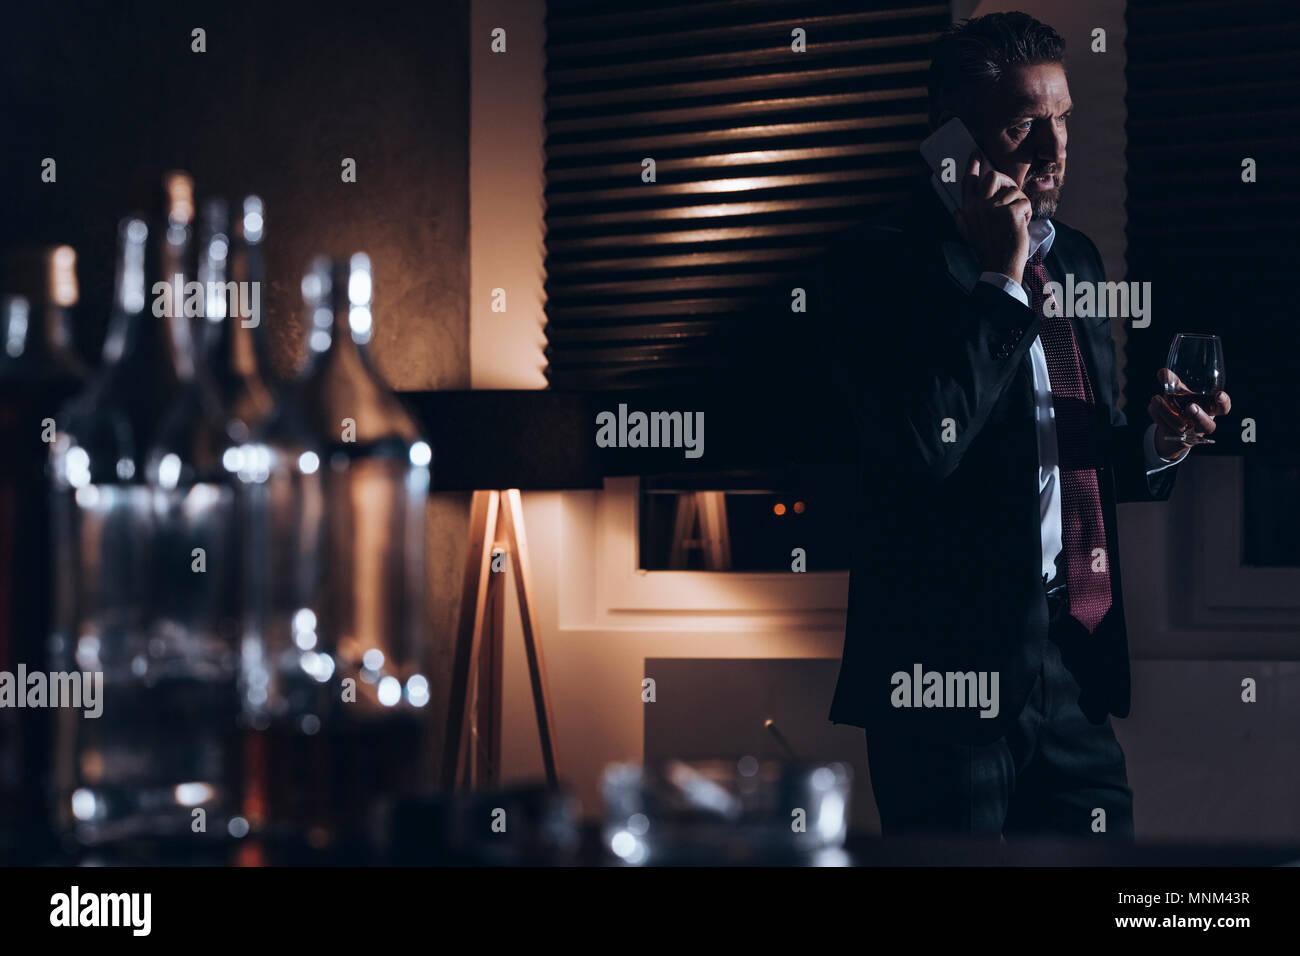 Destacado hombre de mediana edad en traje de hablar por teléfono y sosteniendo un vaso de alcohol mientras está de pie en una habitación oscura con botellas de bebida vacía en un blu Imagen De Stock